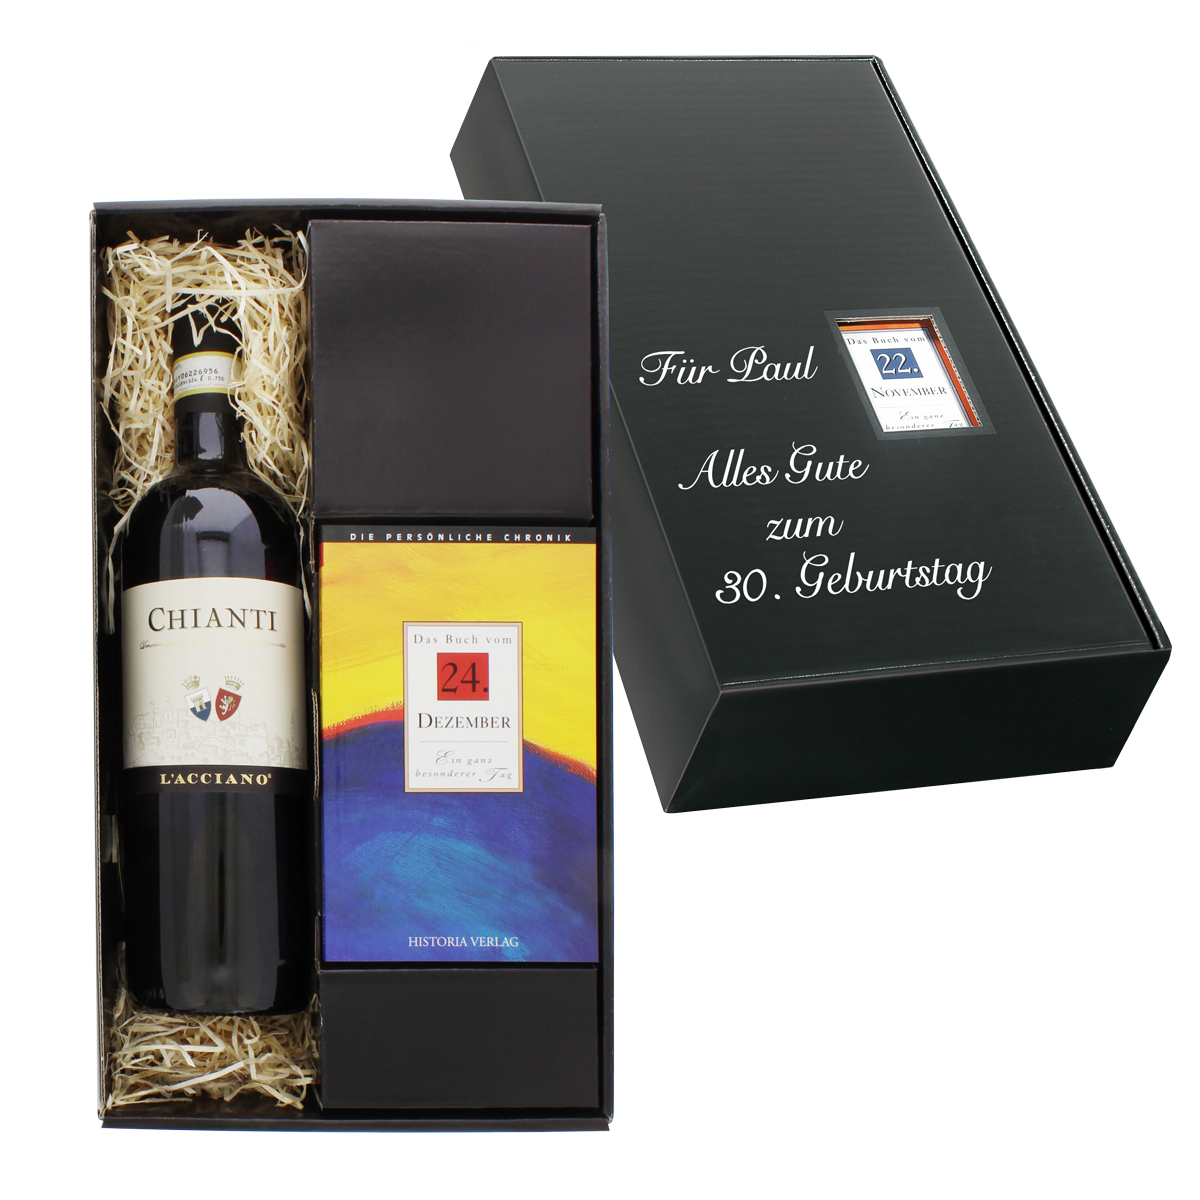 Italien-Set: Tageschronik vom 13. November & Chianti-Wein